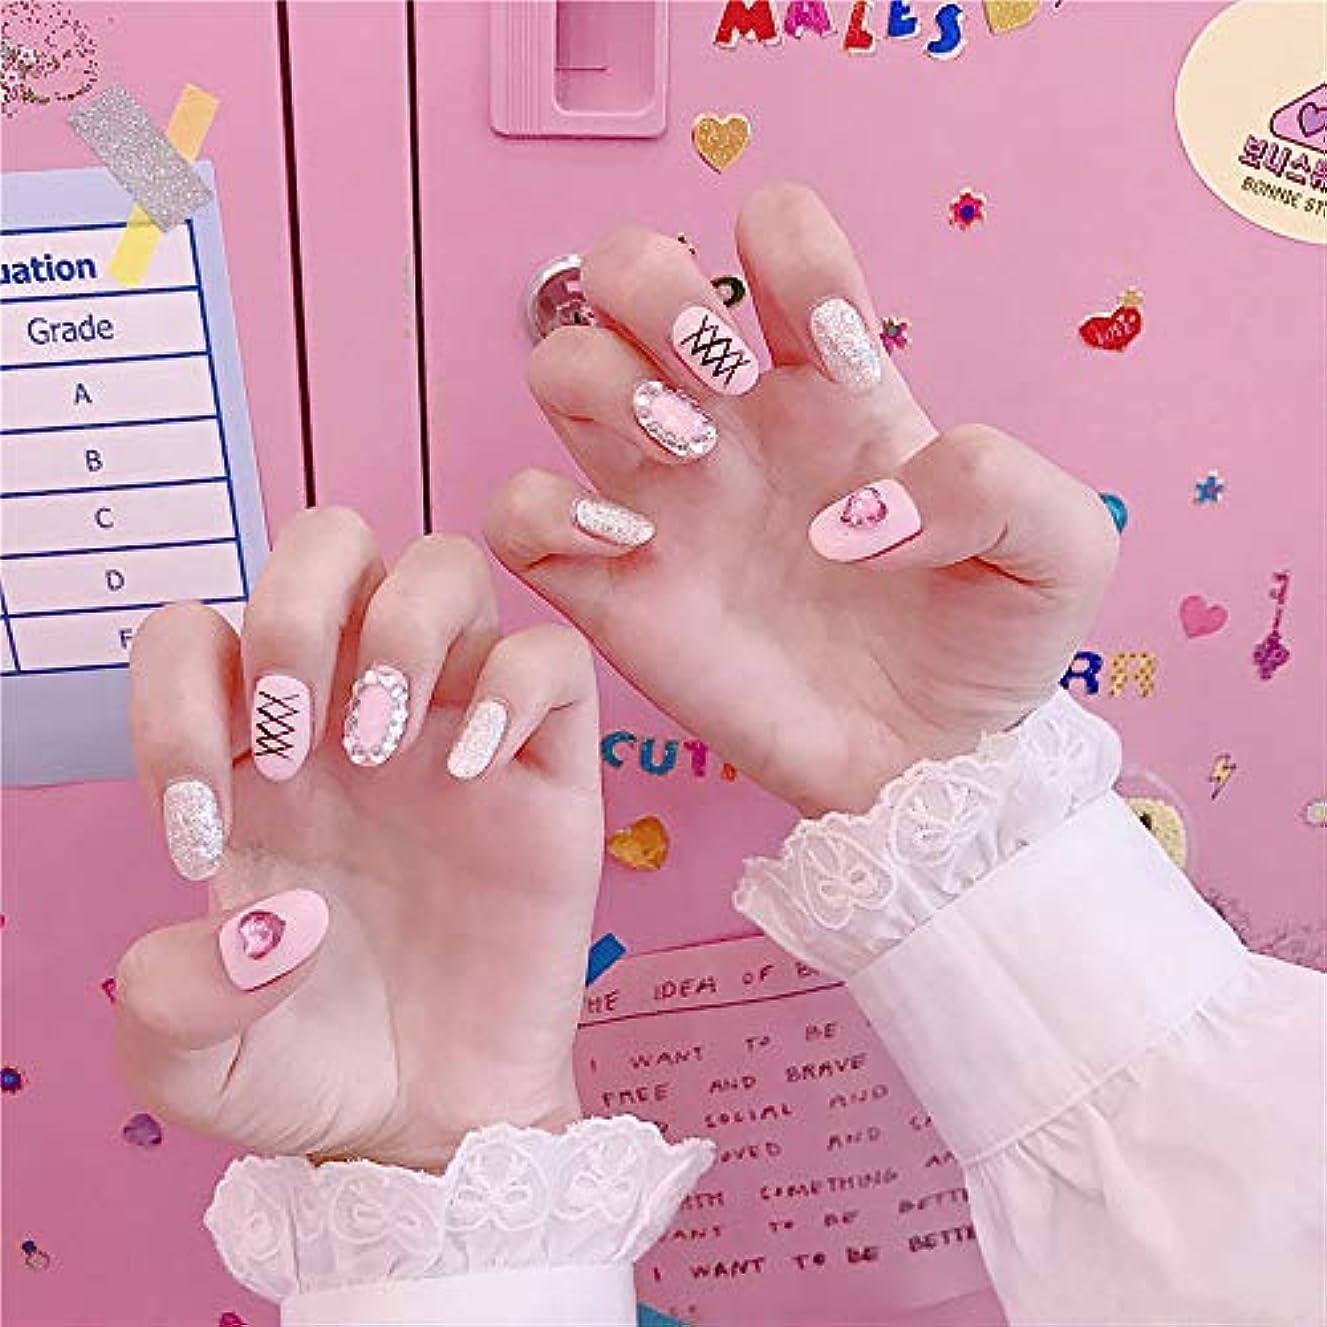 地殻ペデスタルバリケードXUTXZKA ピンク色フェイクネイル女性ファッションハートネイルネイルアートのヒント